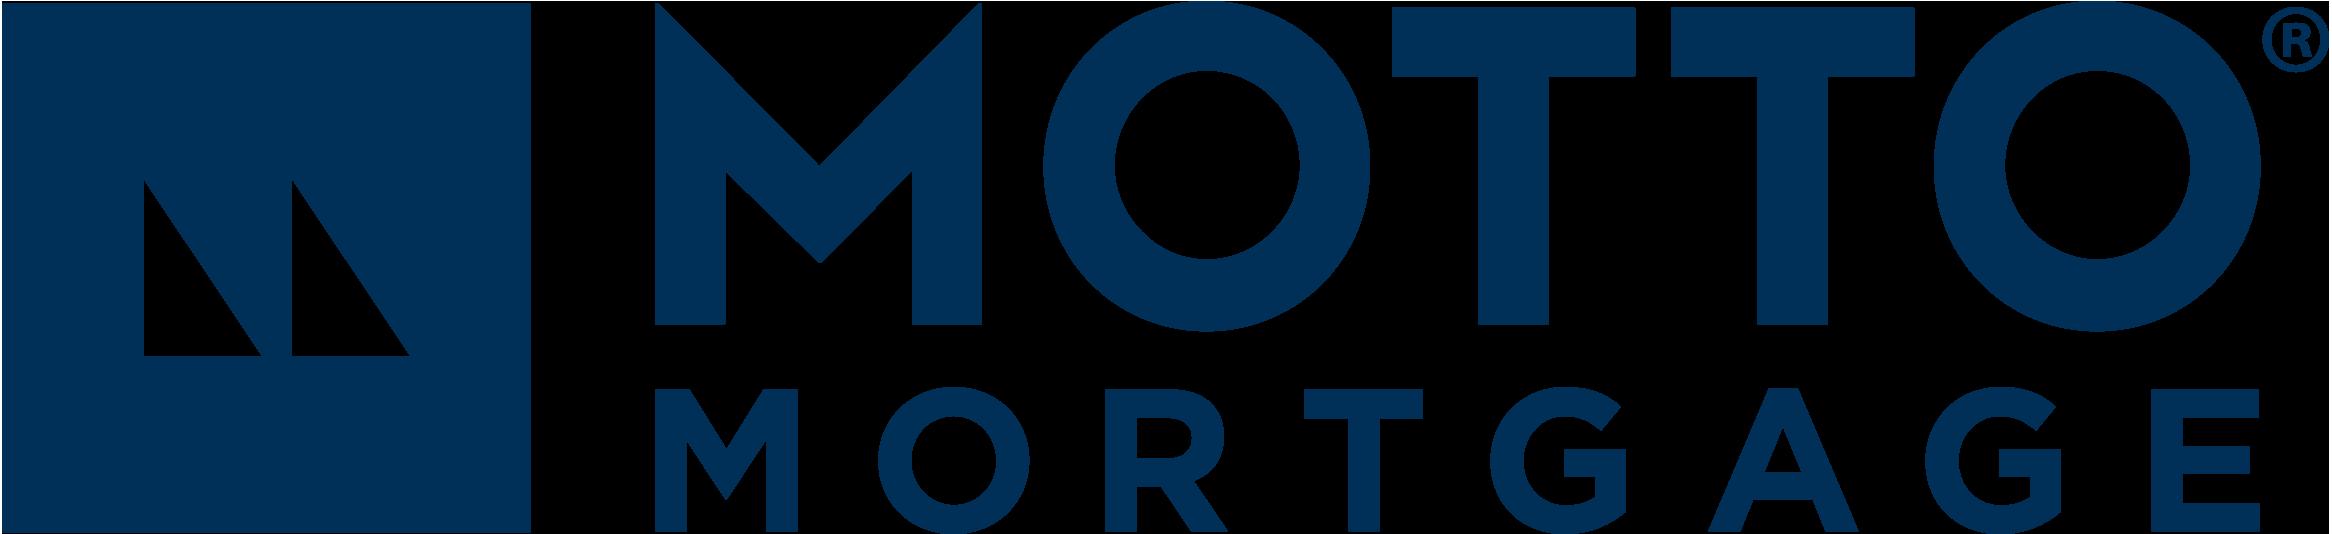 Motto Mortgage Driven logo